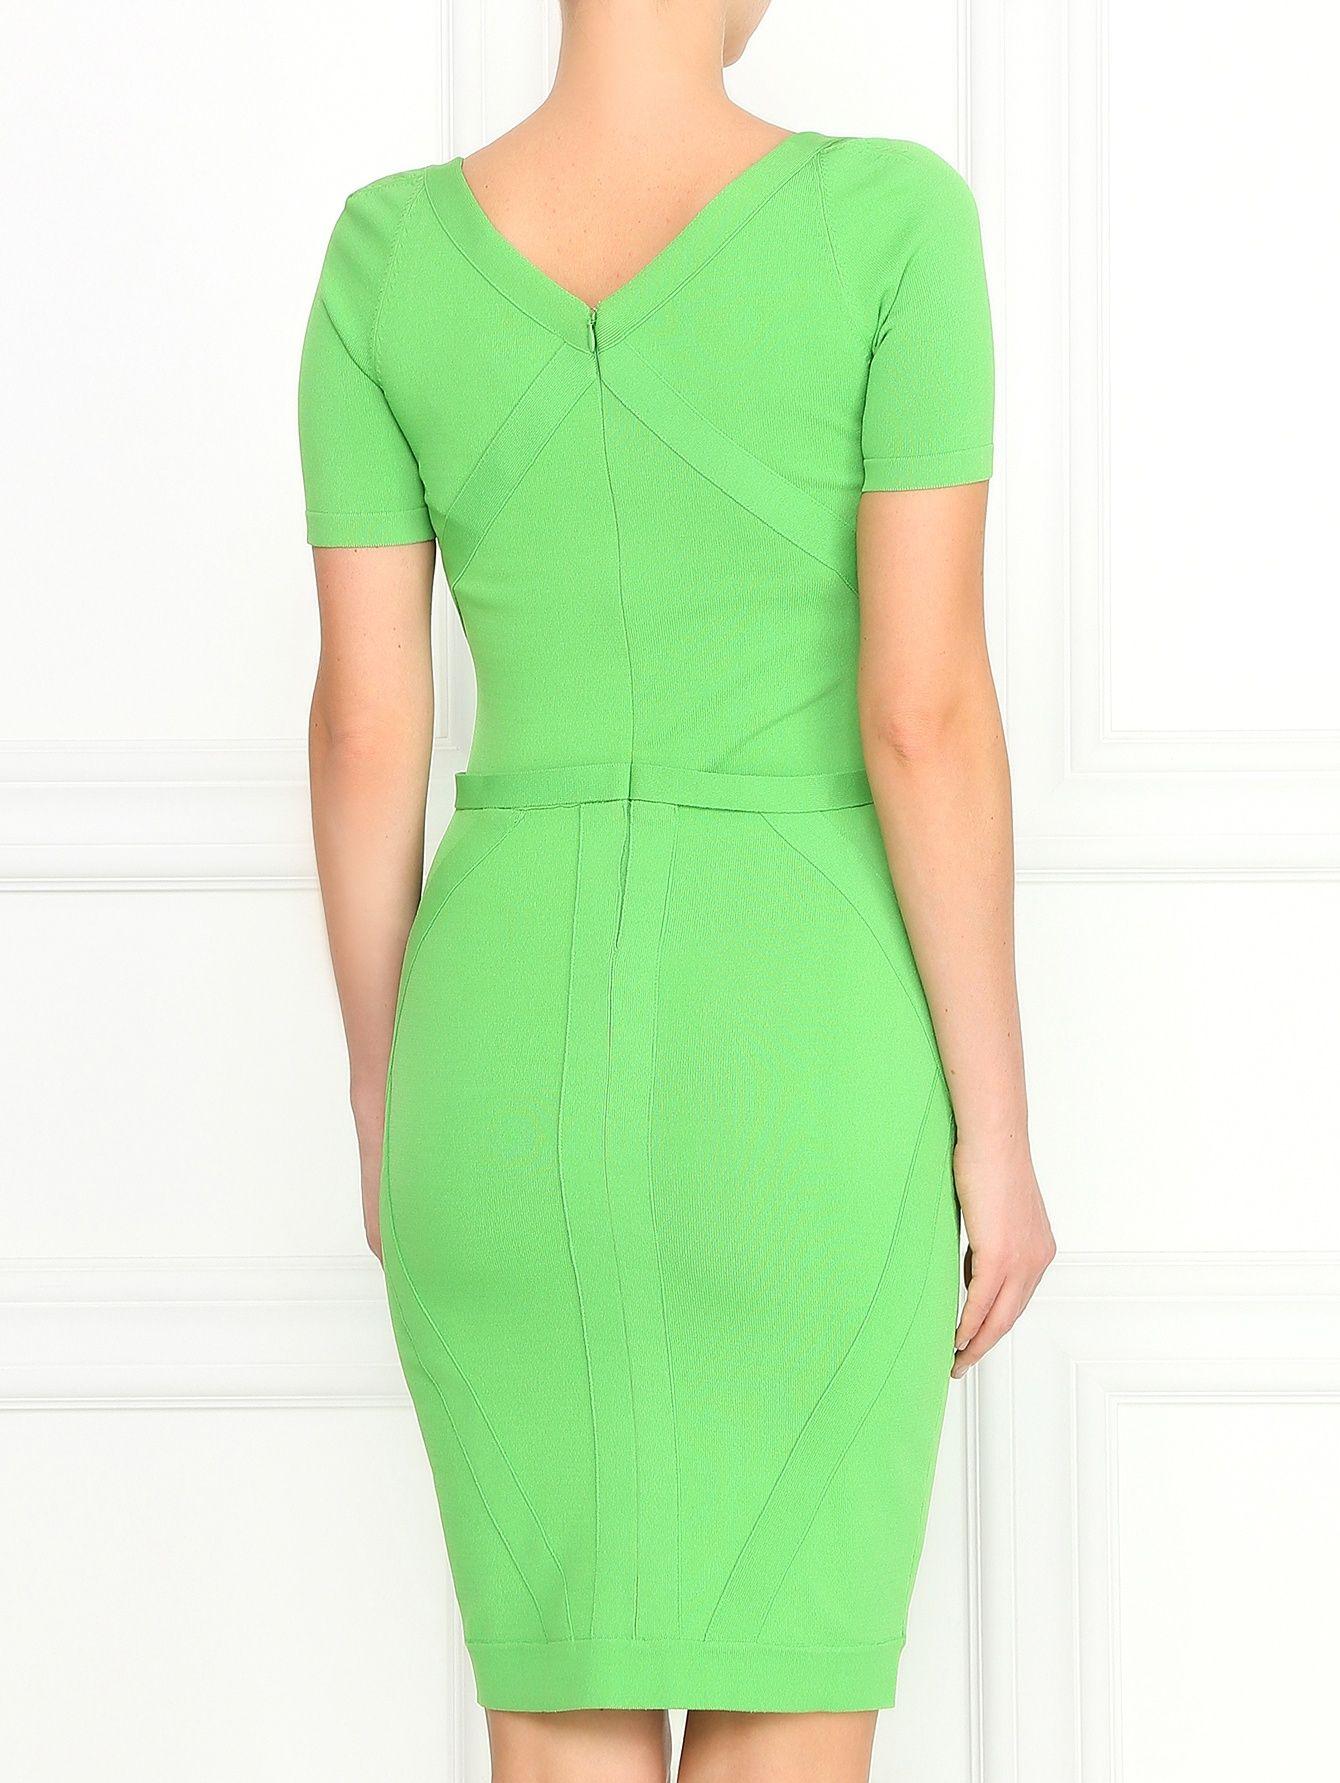 9c298000938 Купить со скидкой Versace Collection зеленое платье-футляр с рельефными  вставками (124531) – распродажа в Боско Аутлет